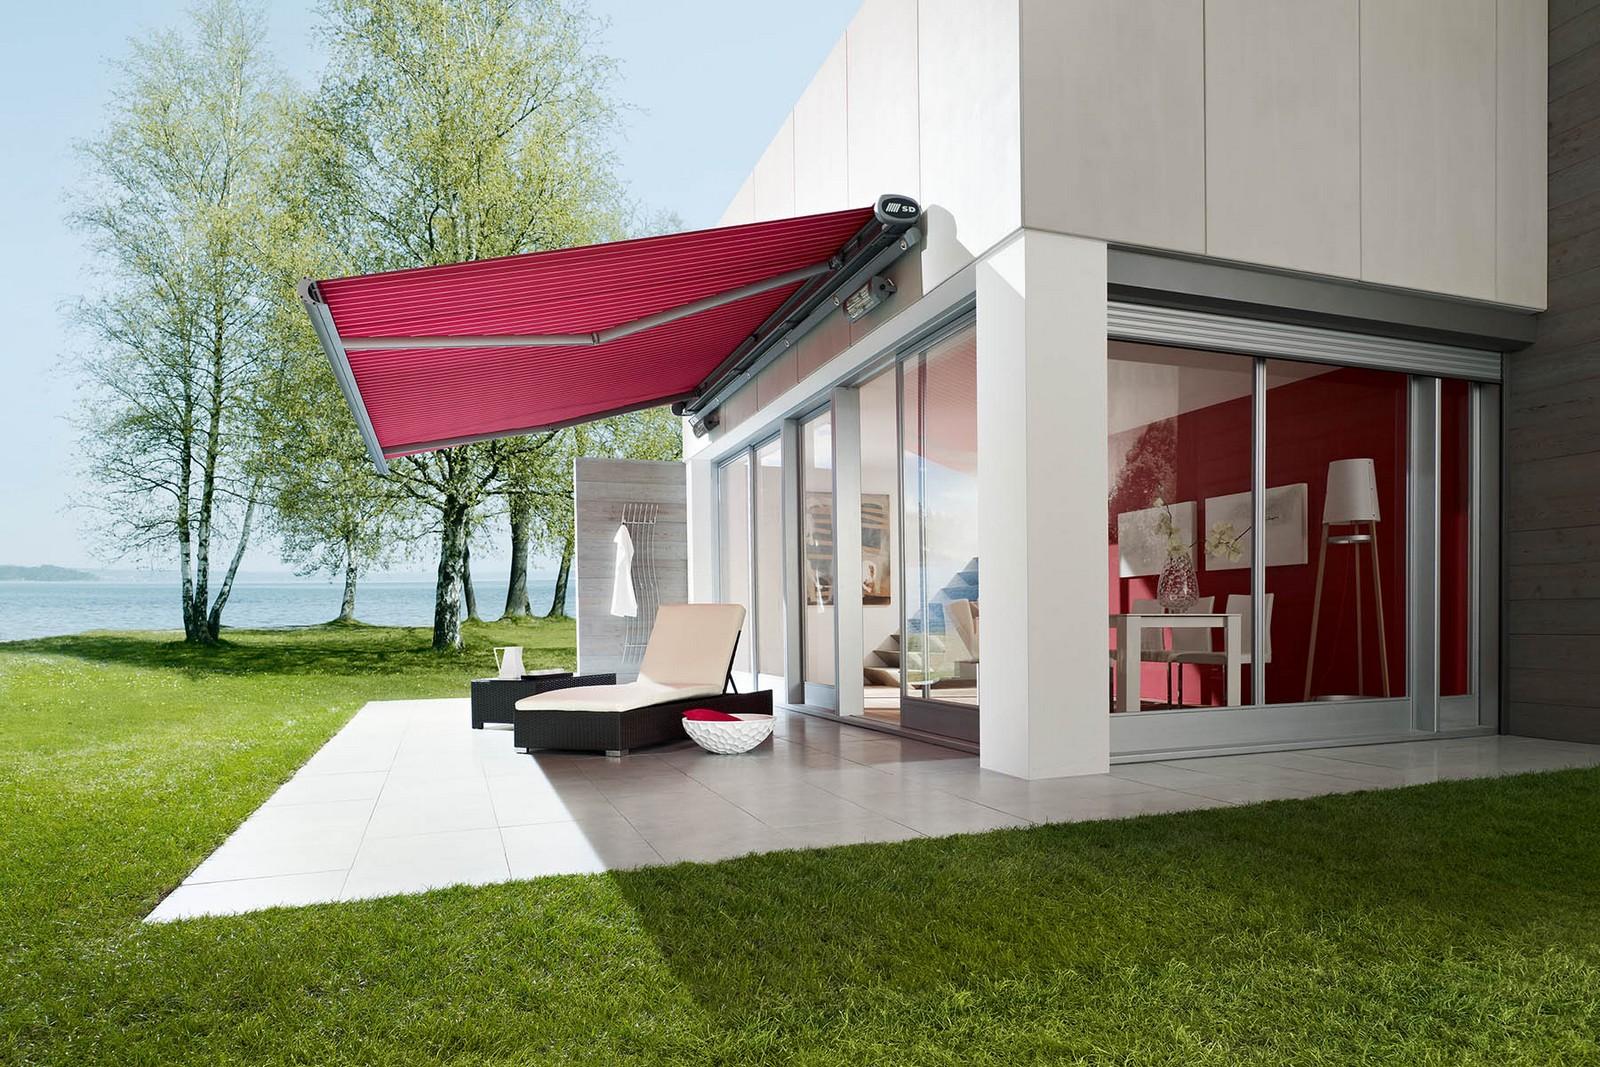 markiisid lihtmarkiisid korvmarkisiid liigendmarkisiid. Black Bedroom Furniture Sets. Home Design Ideas